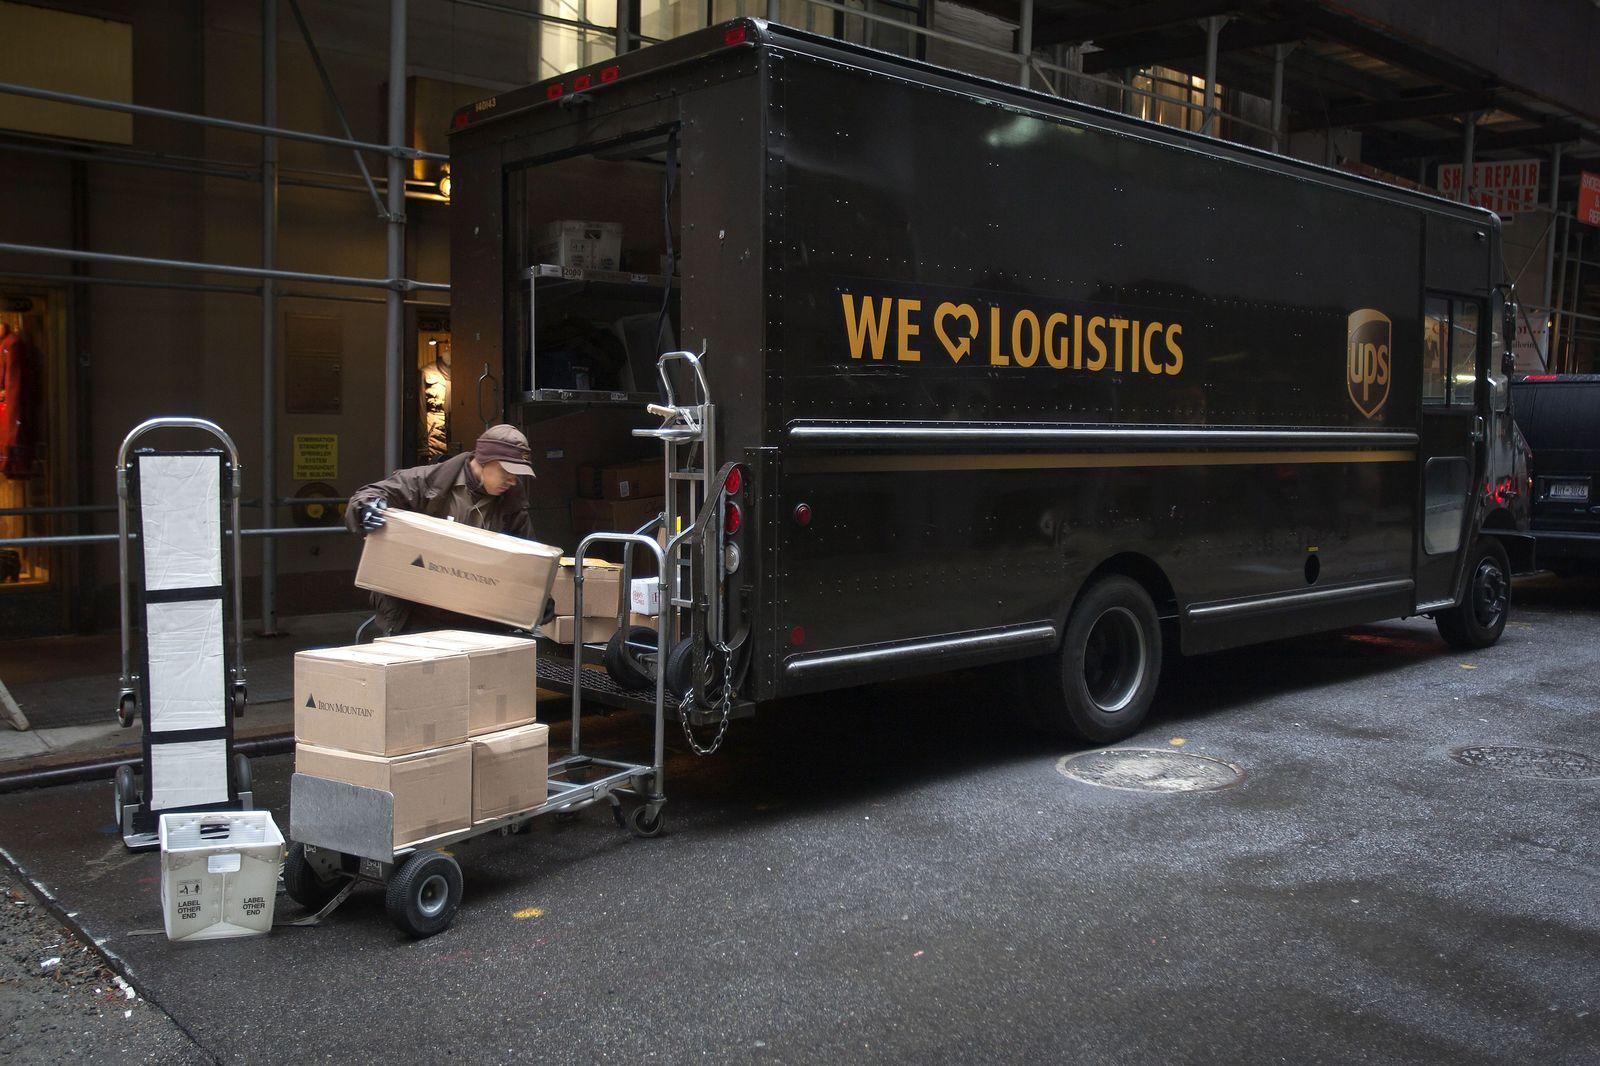 UPS; Packetzustellung in Manhattan, NYC